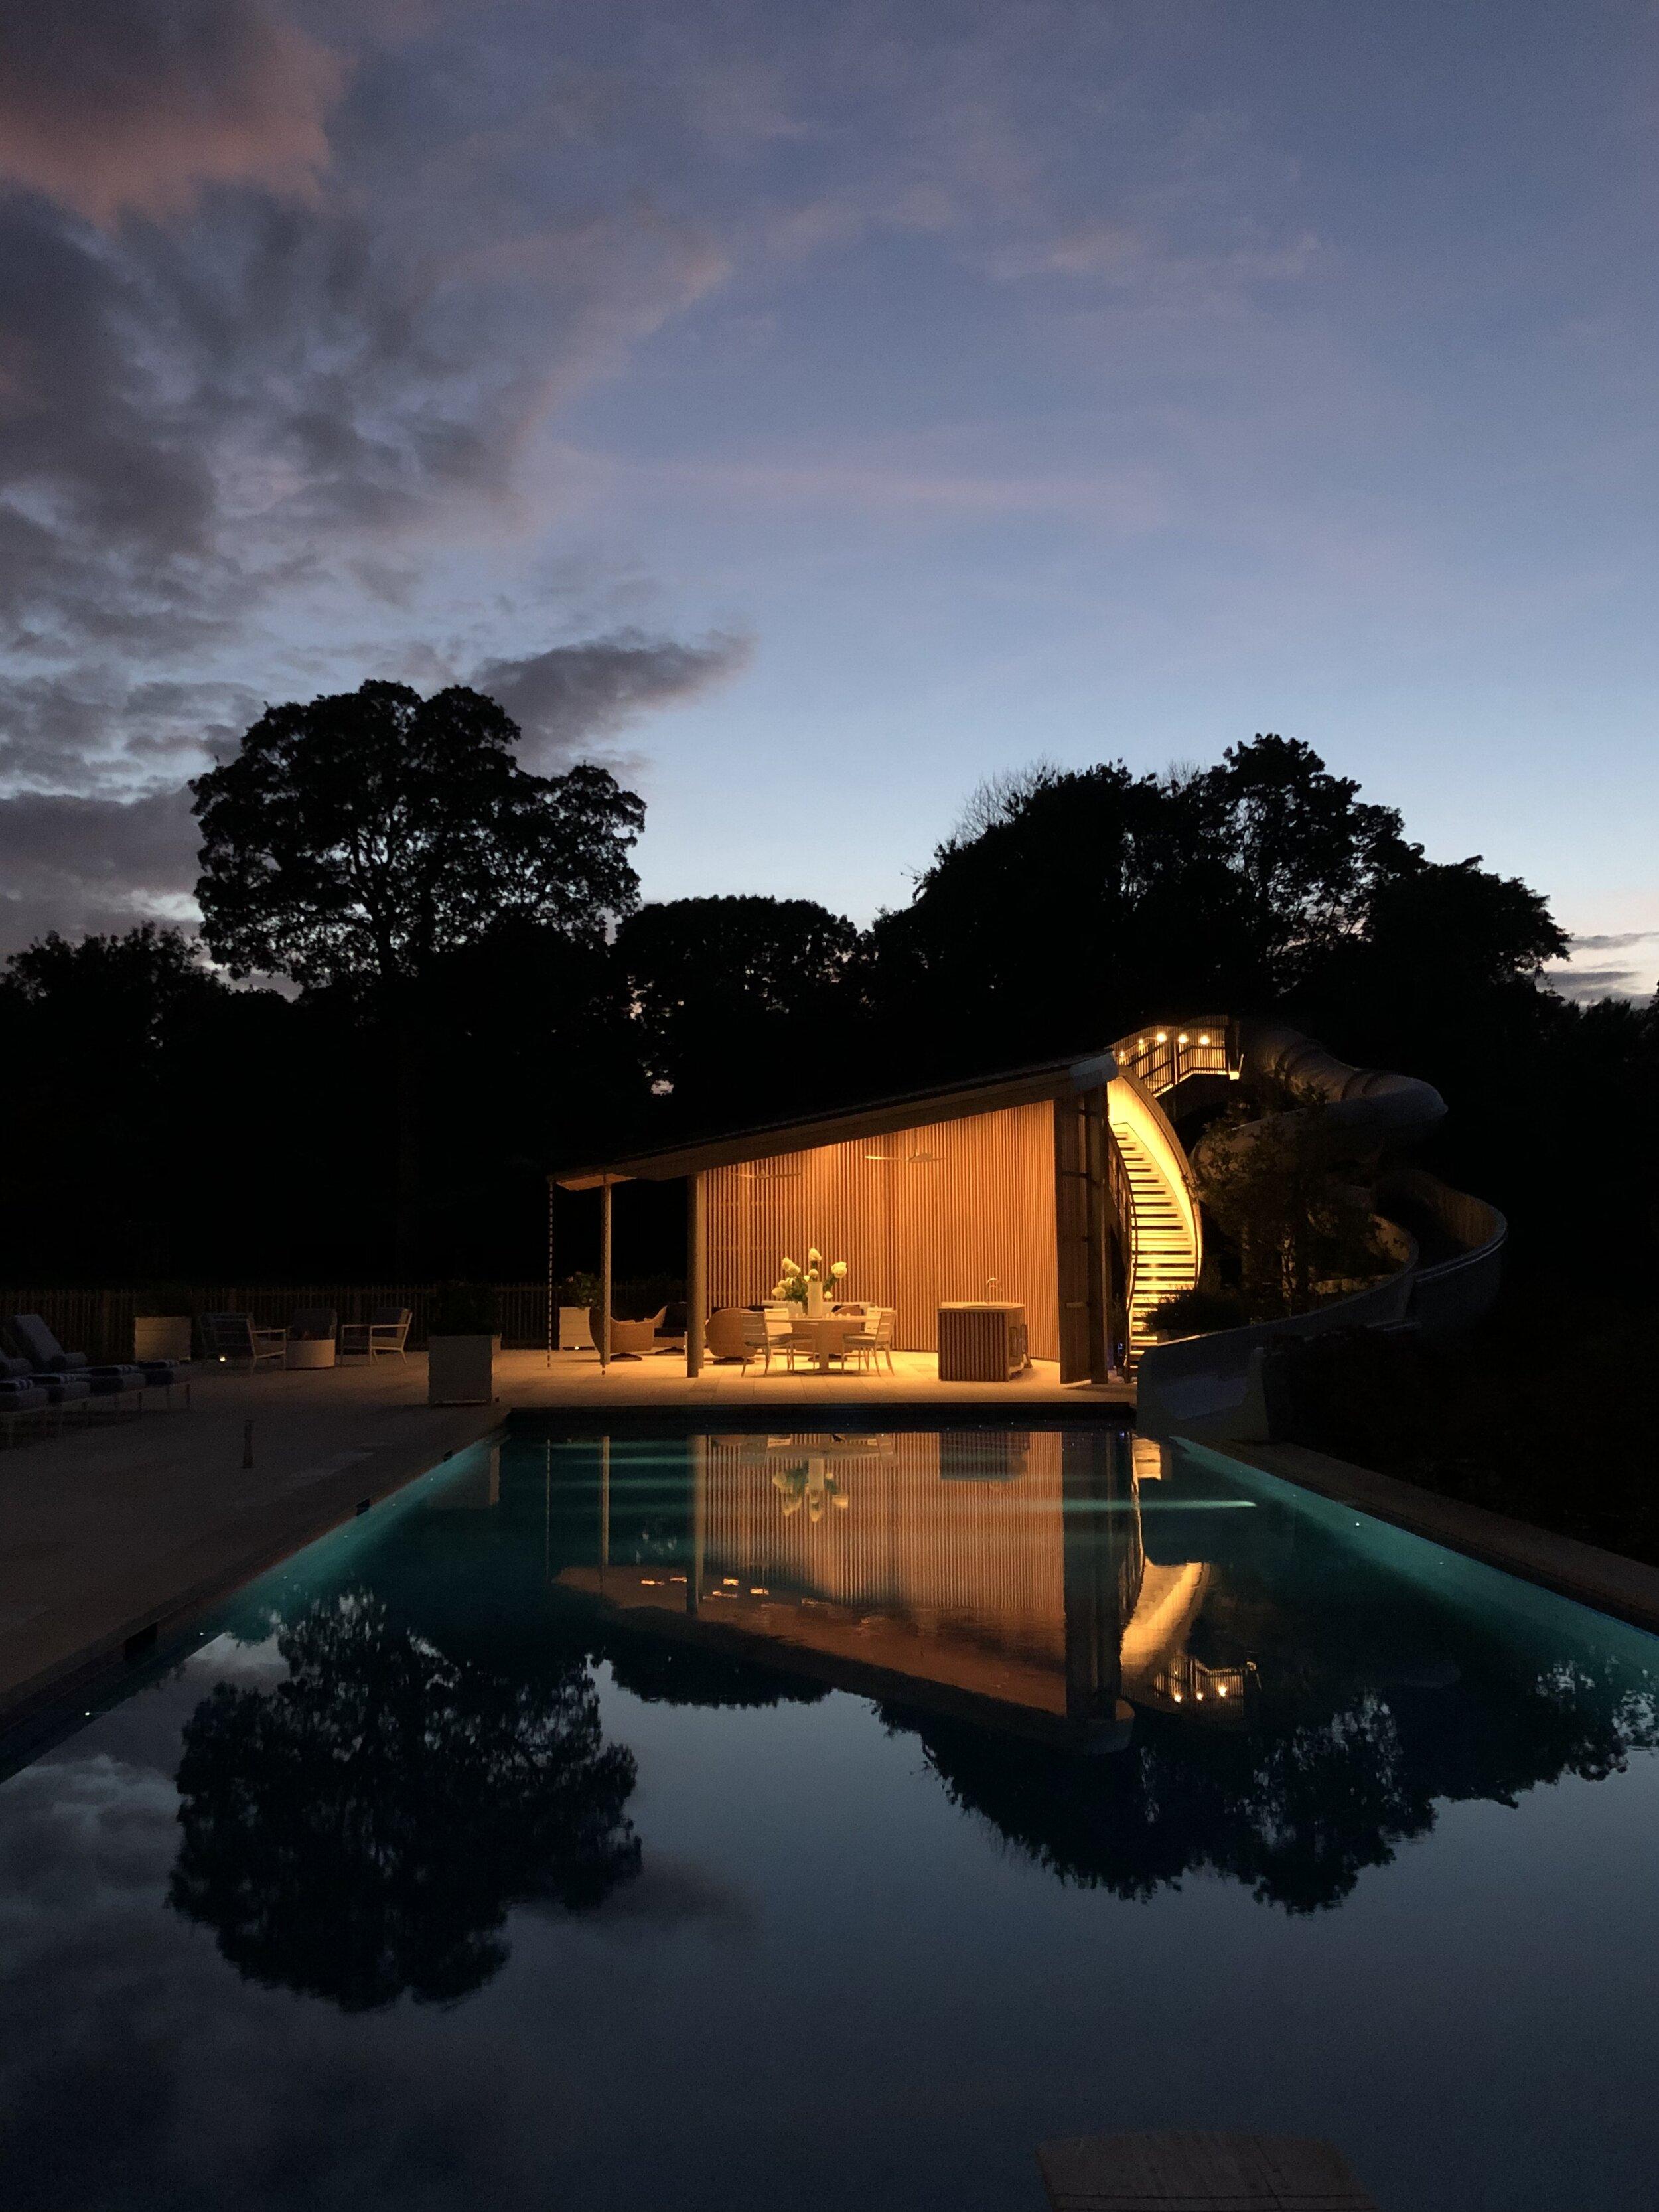 Jarel Pool nightscene.jpg